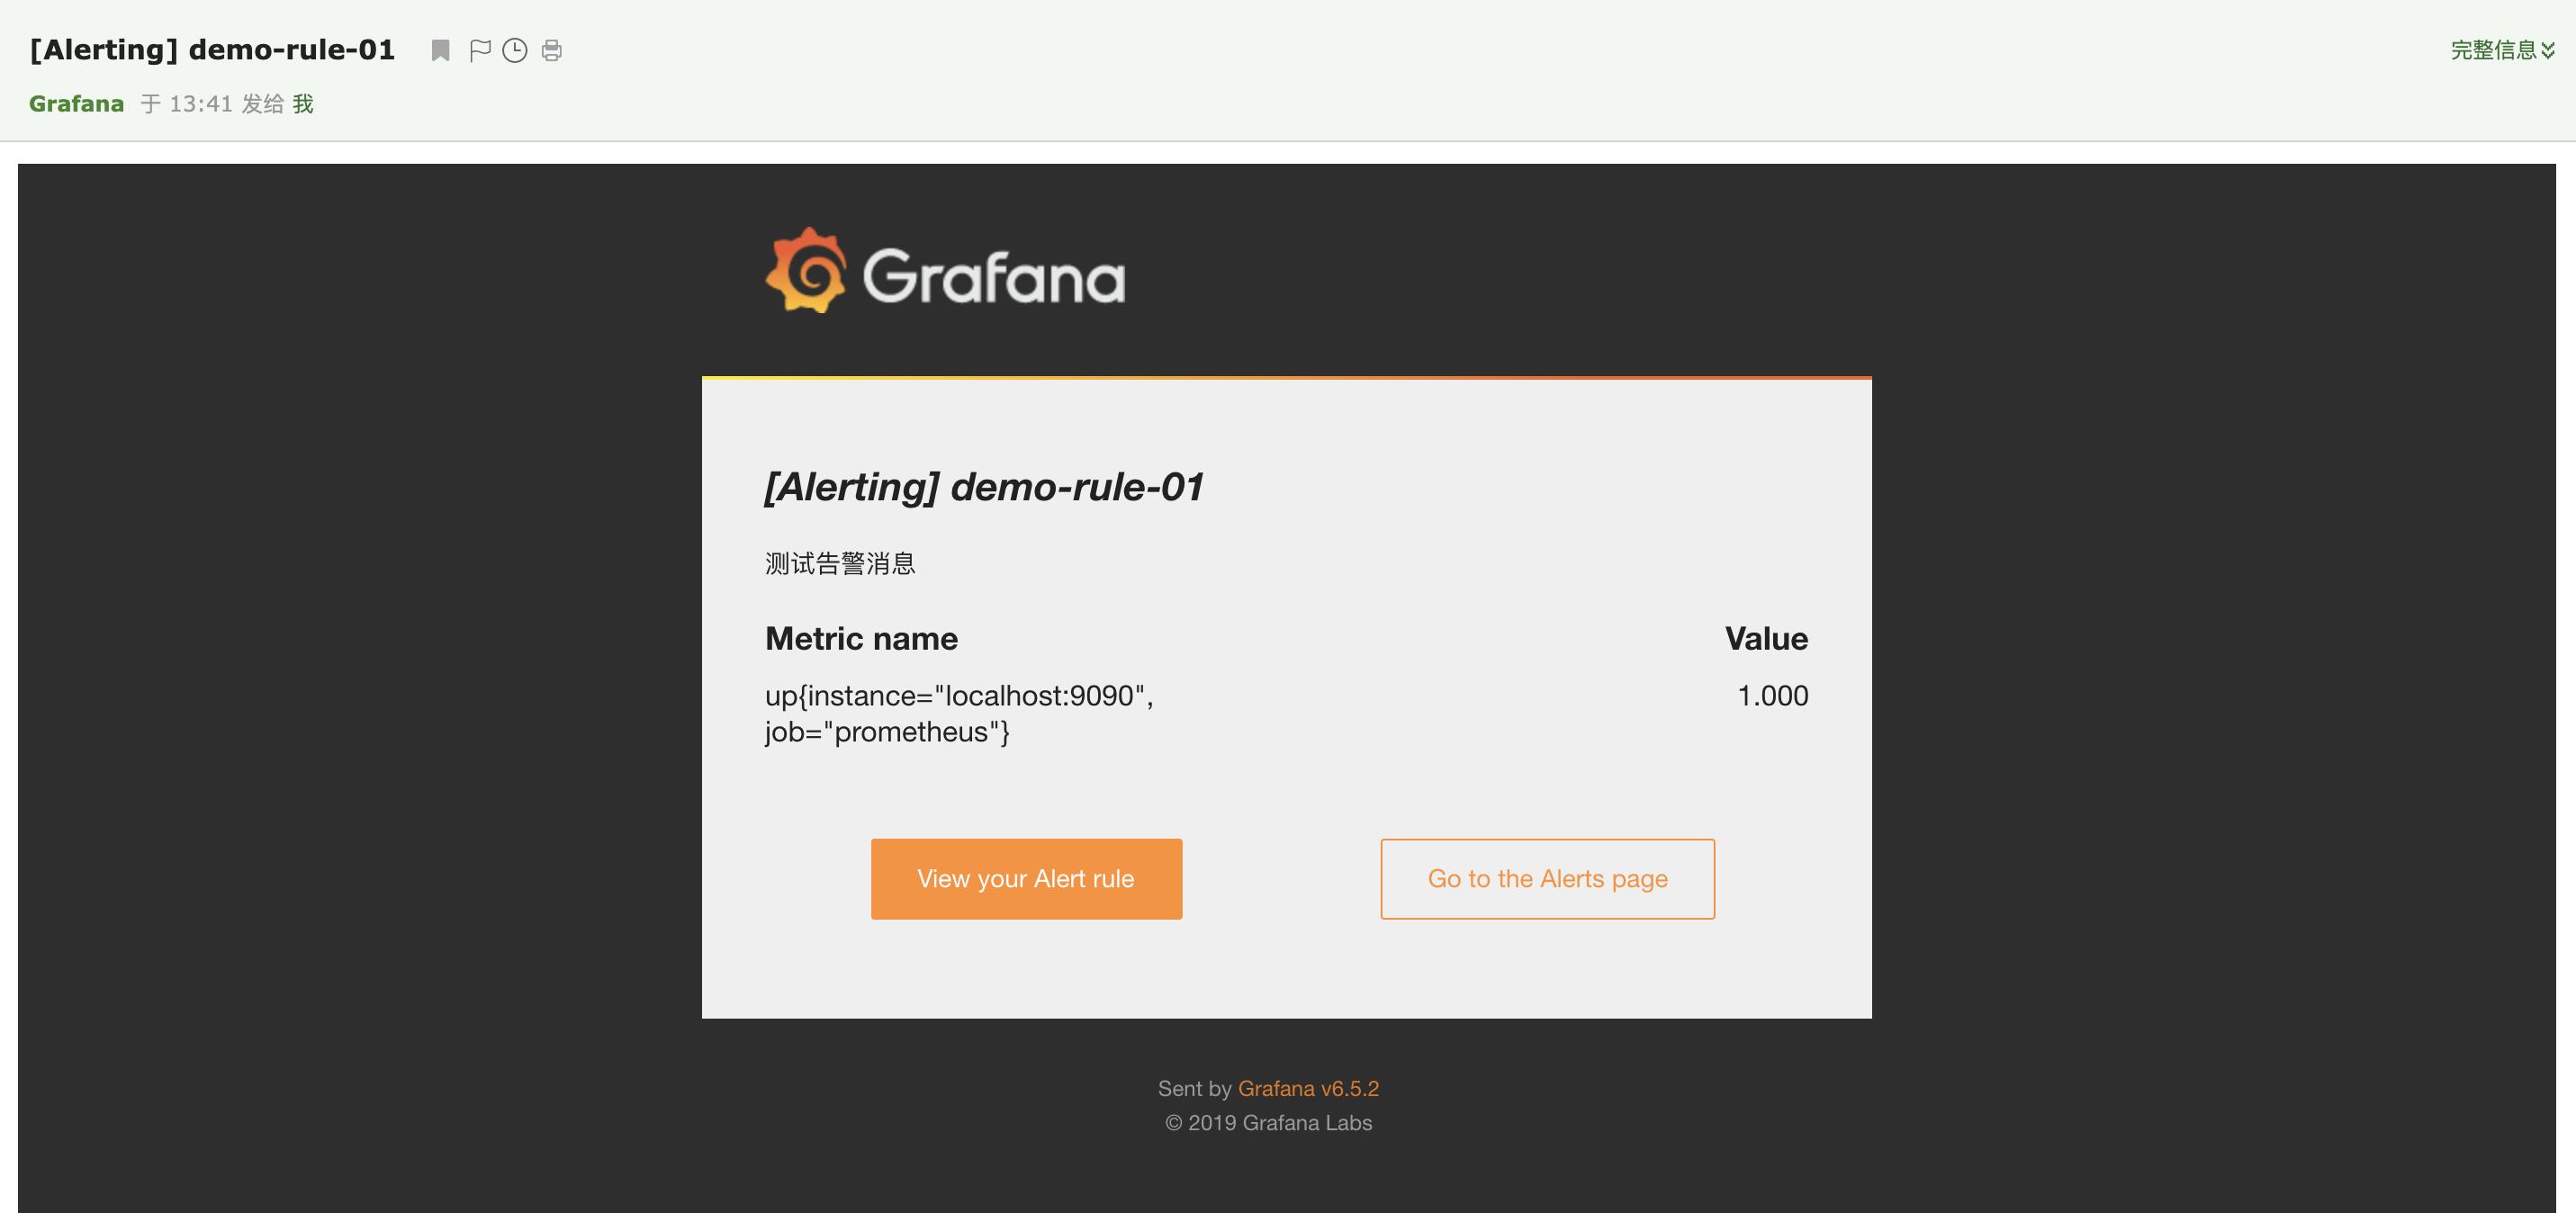 Grafana 邮件告警